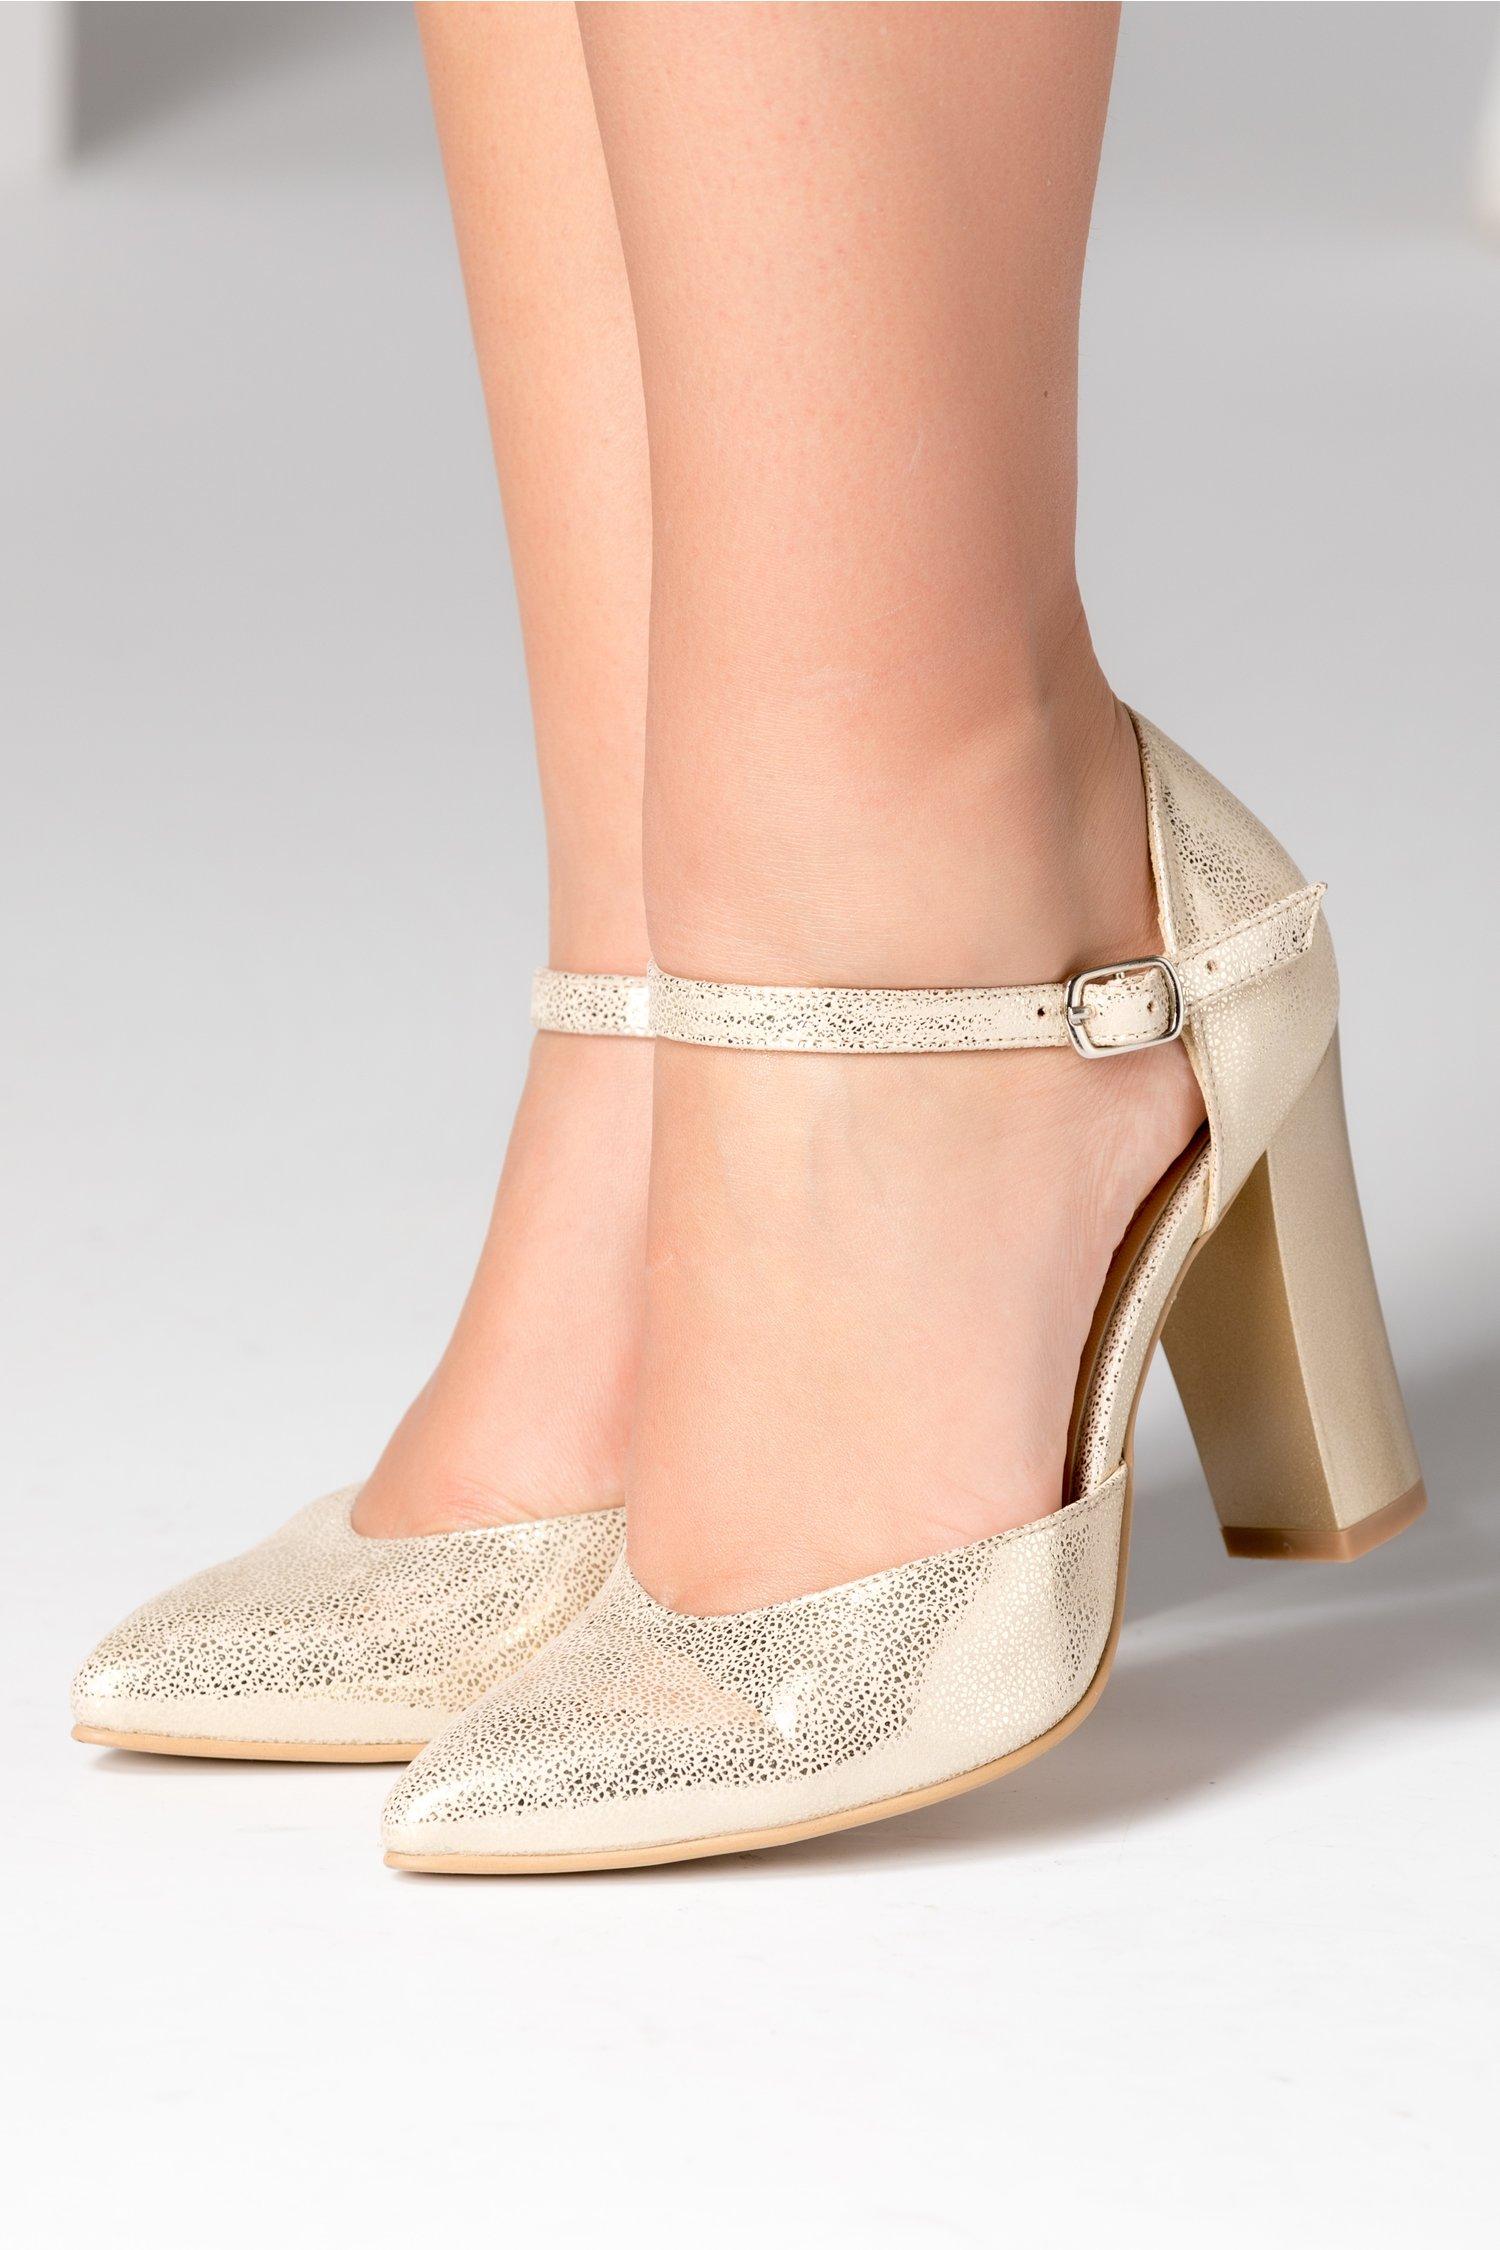 Pantofi aurii eleganti cu bareta